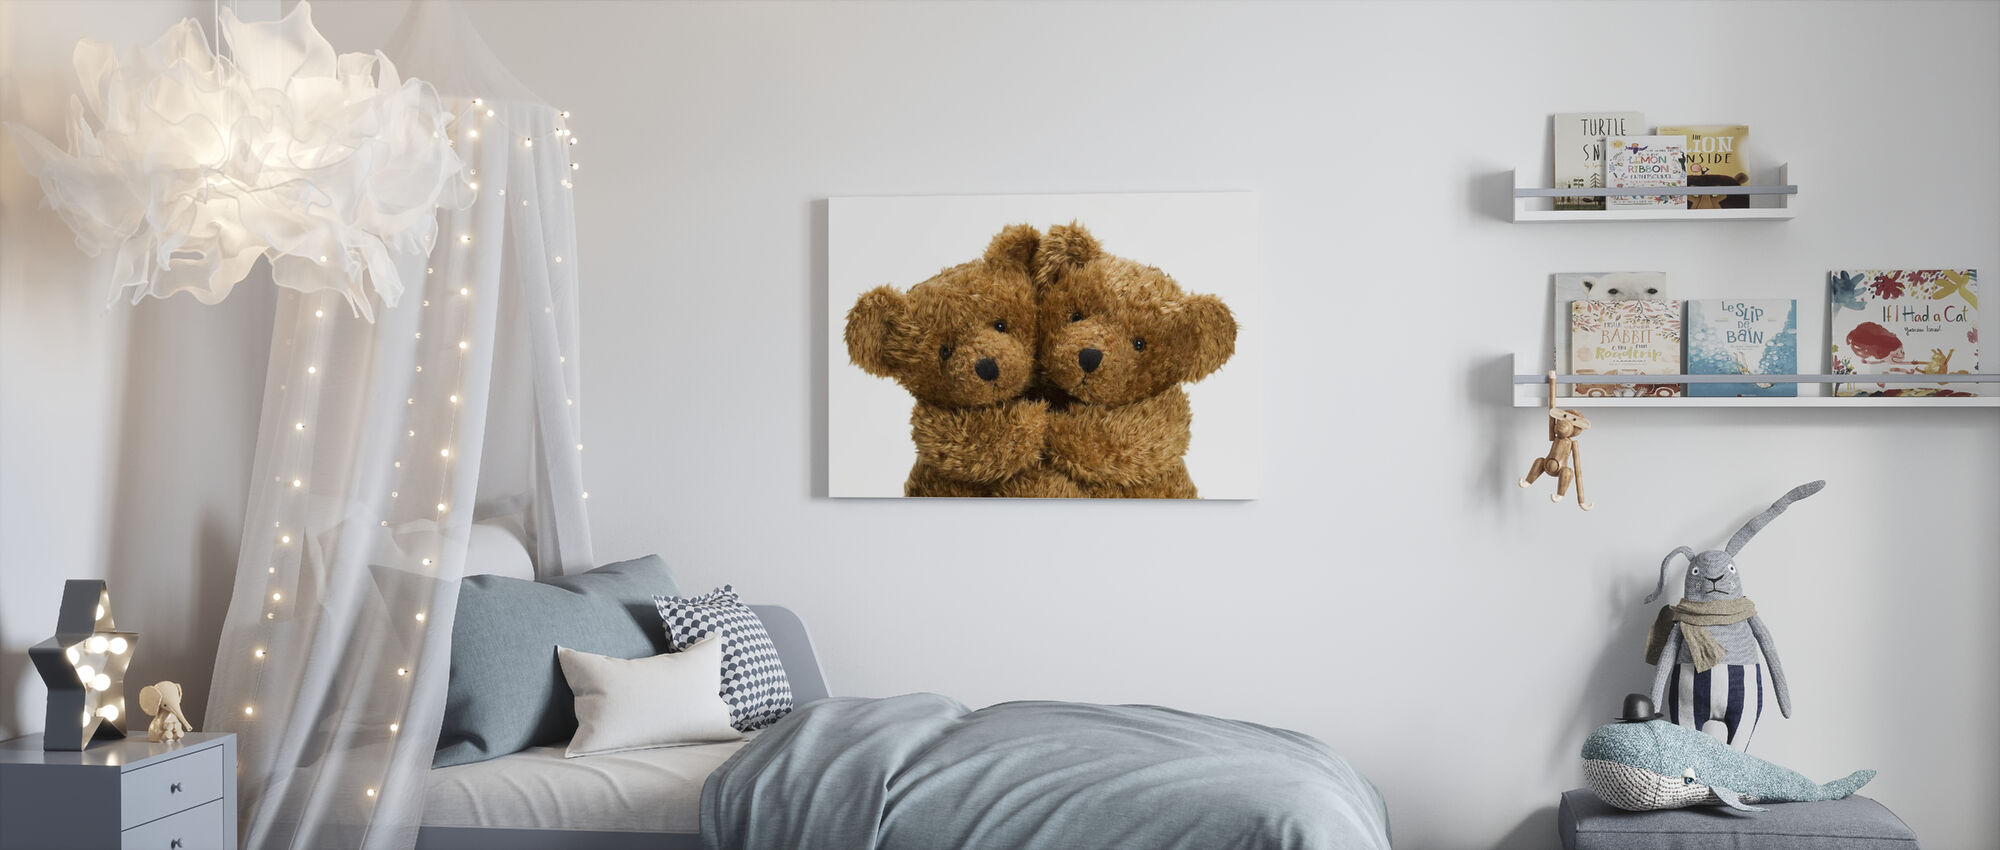 Doudou ours en peluche - Impression sur toile - Chambre des enfants